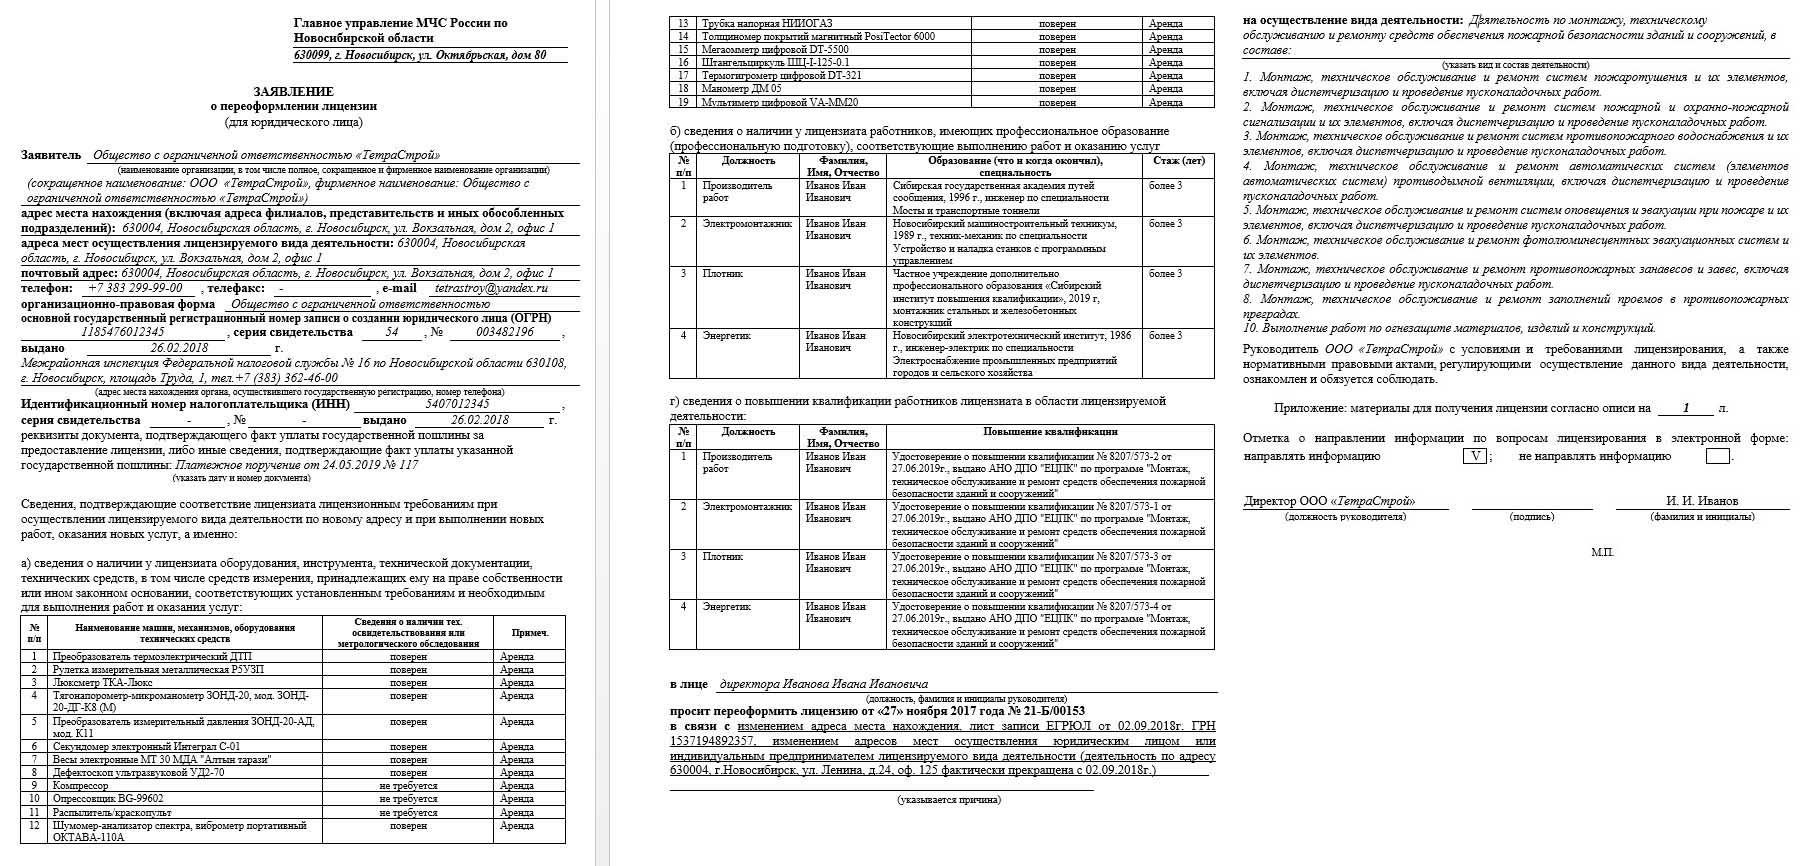 Образец заполнения заявления на переоформление лицензии МЧС